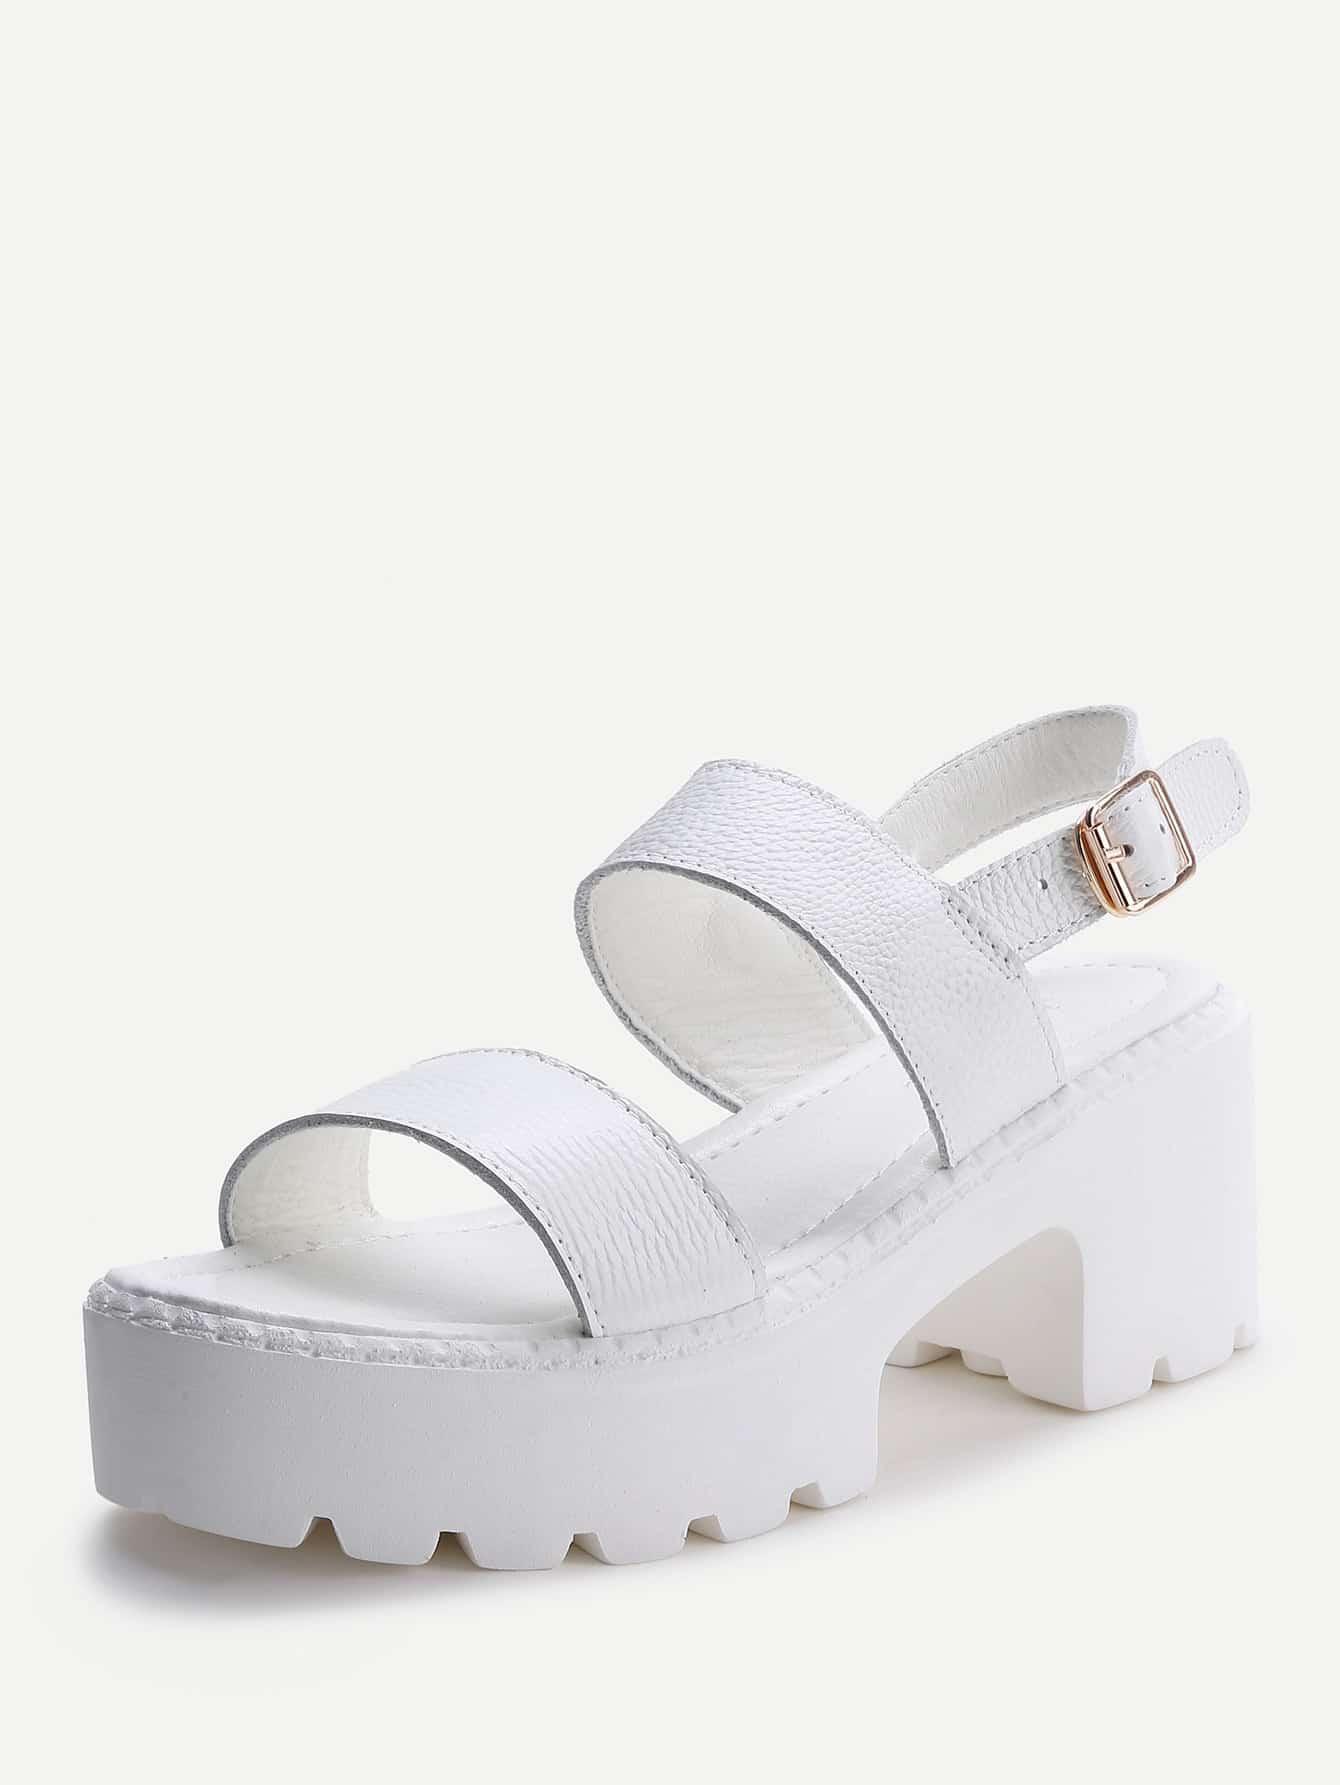 shoes170314812_2